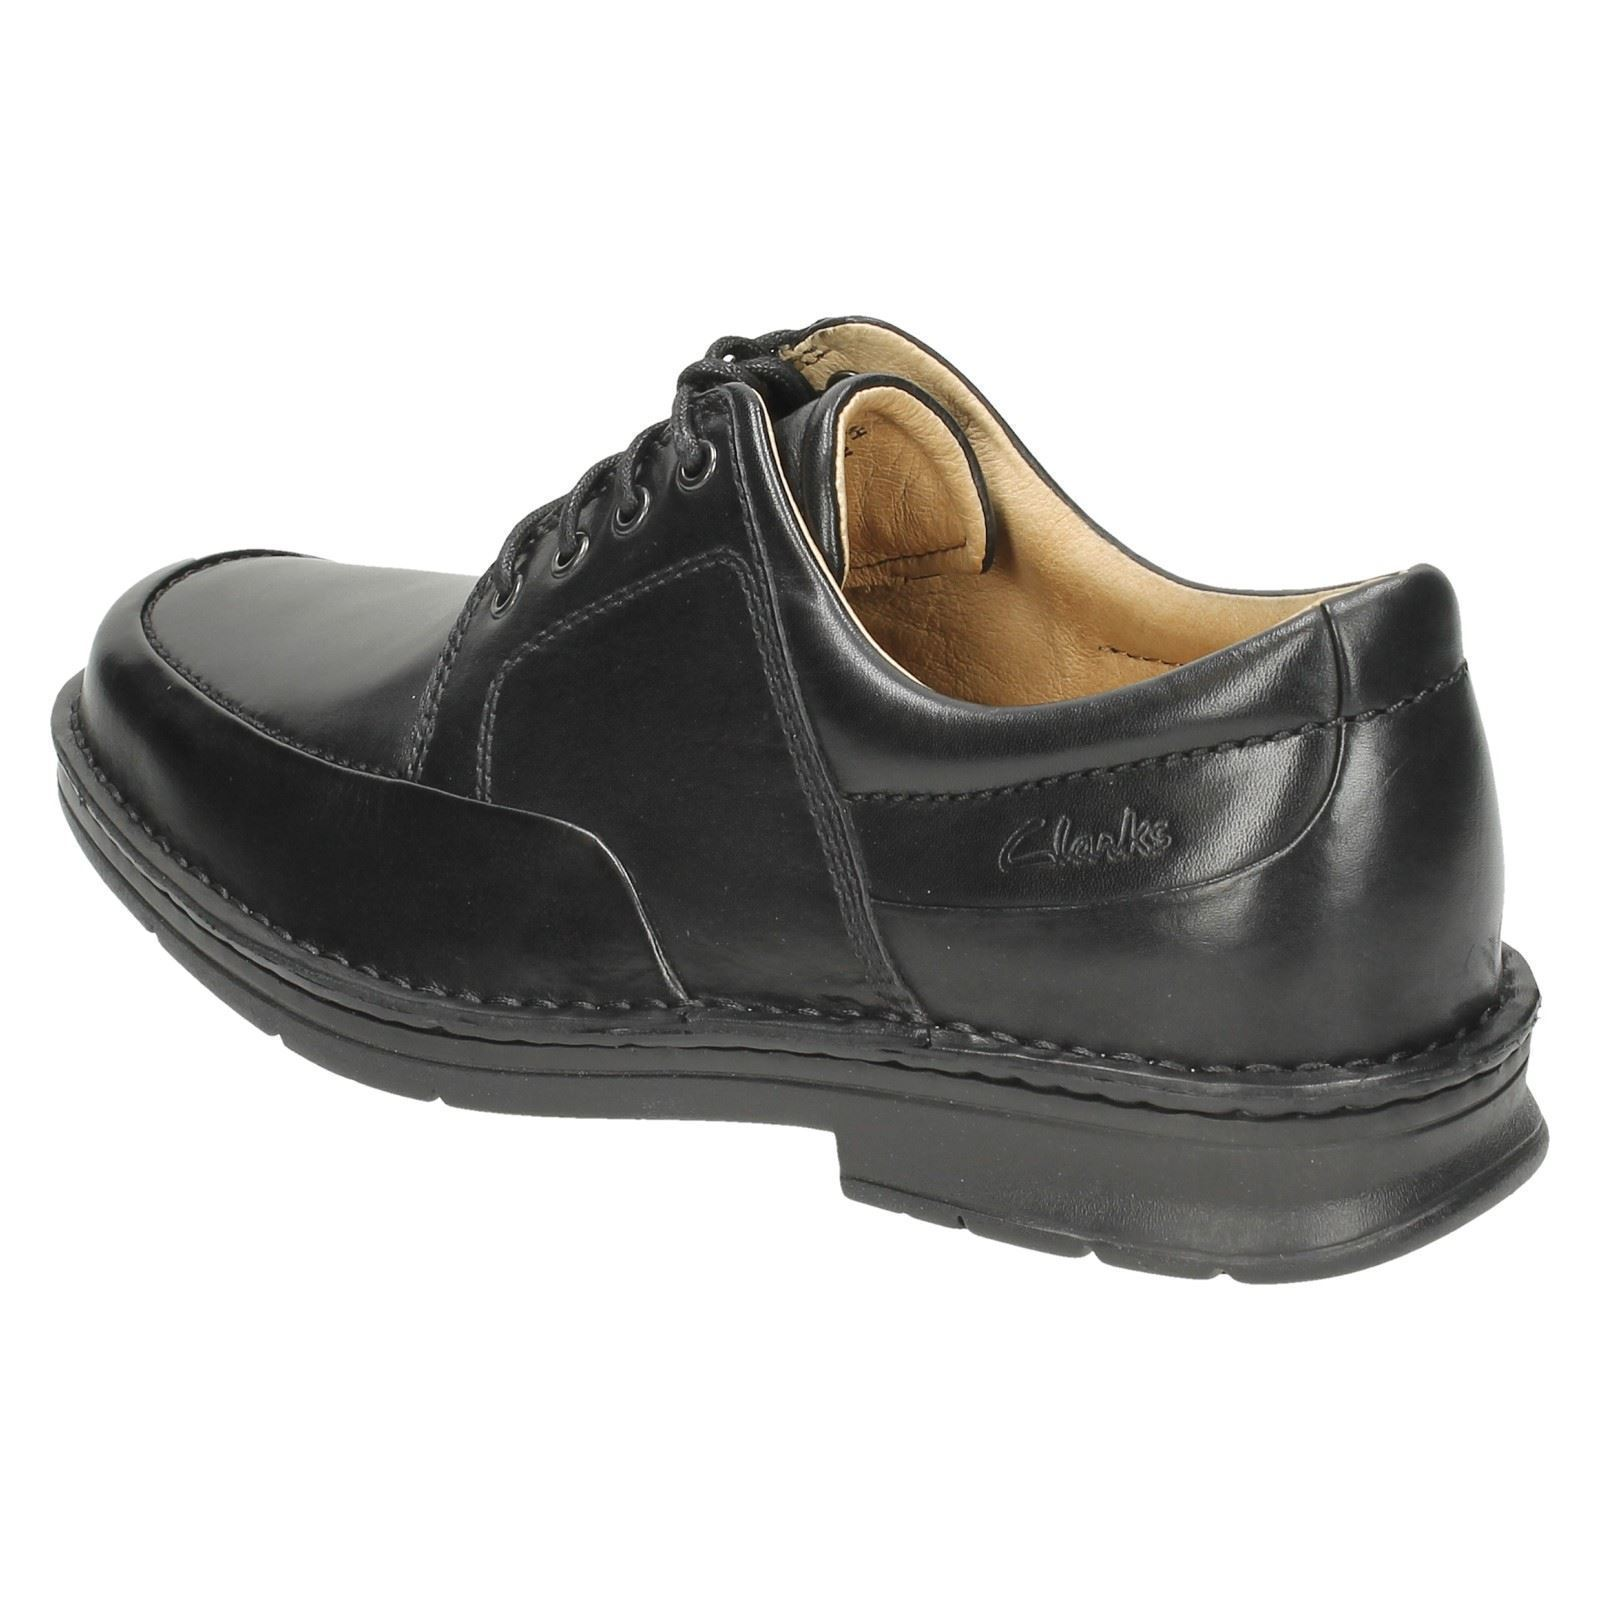 clarks « saluer » chaussures chics étiquette étiquette étiquette ~ k 1af64d